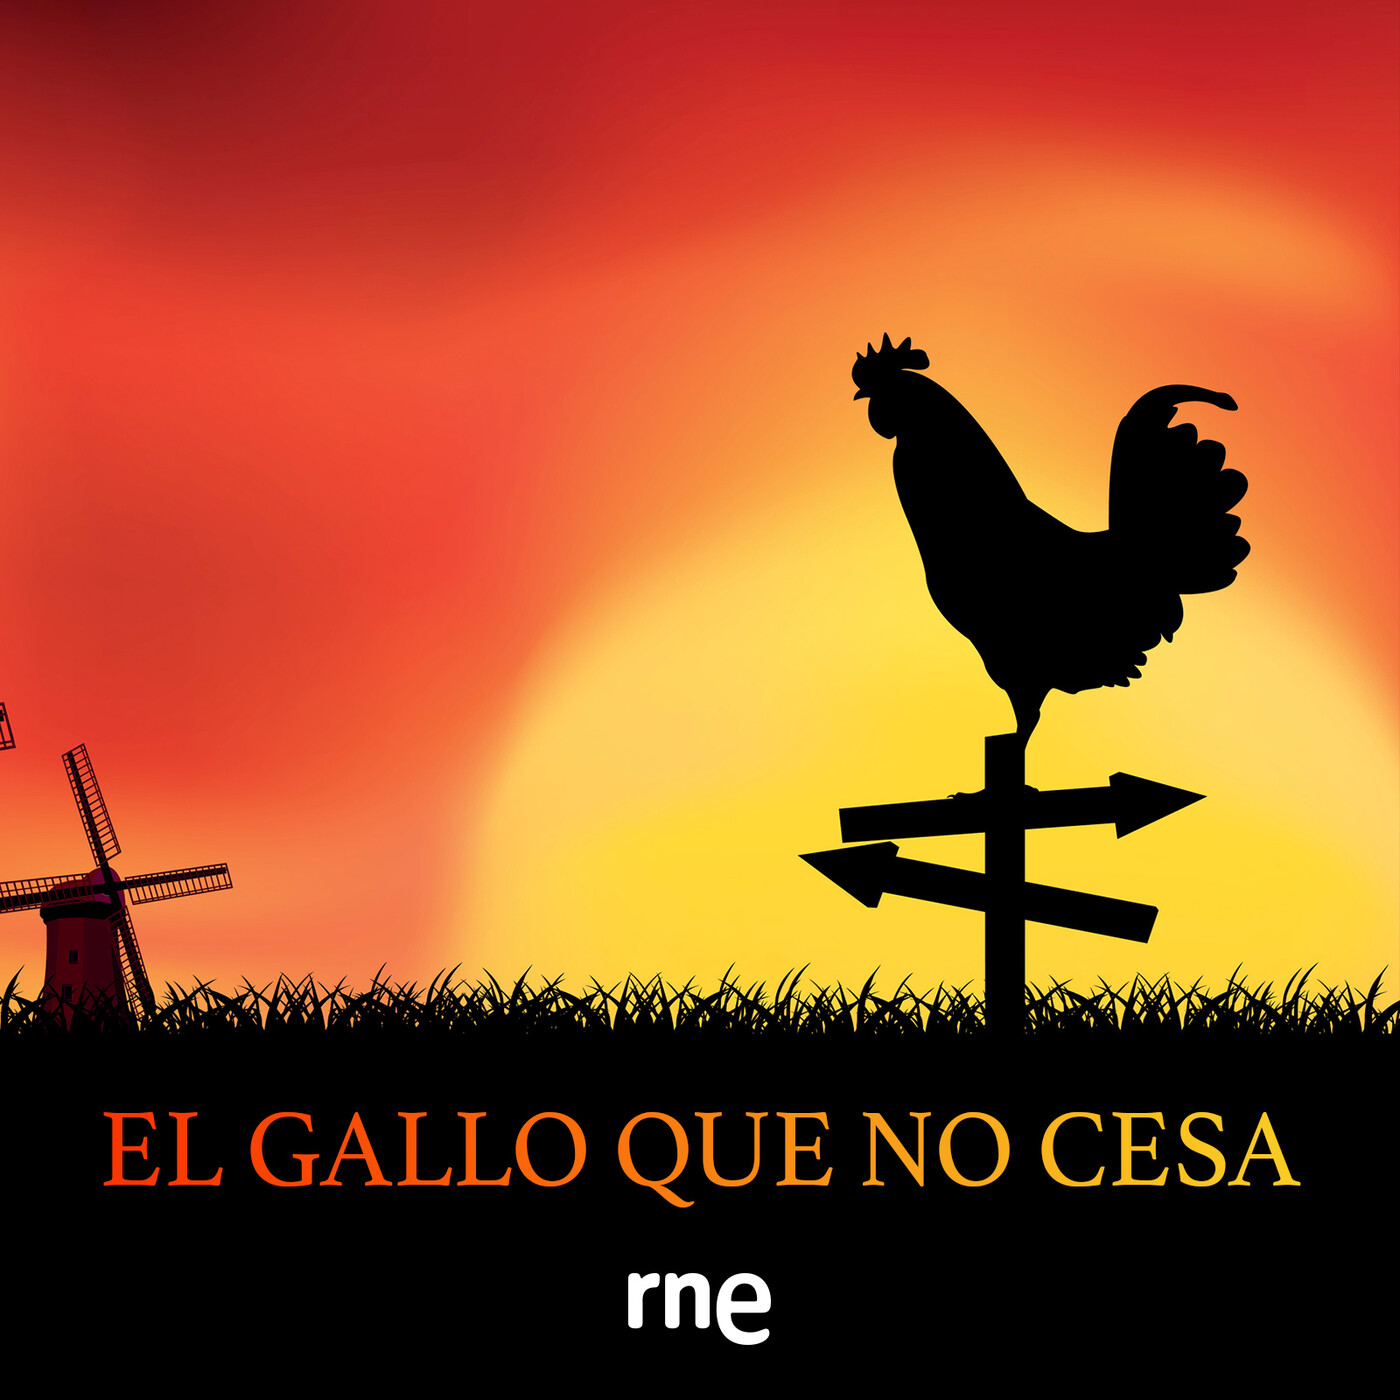 El gallo que no cesa - Tuitero en el tiempo: Traslado de la Corte de Madrid a Valladolid